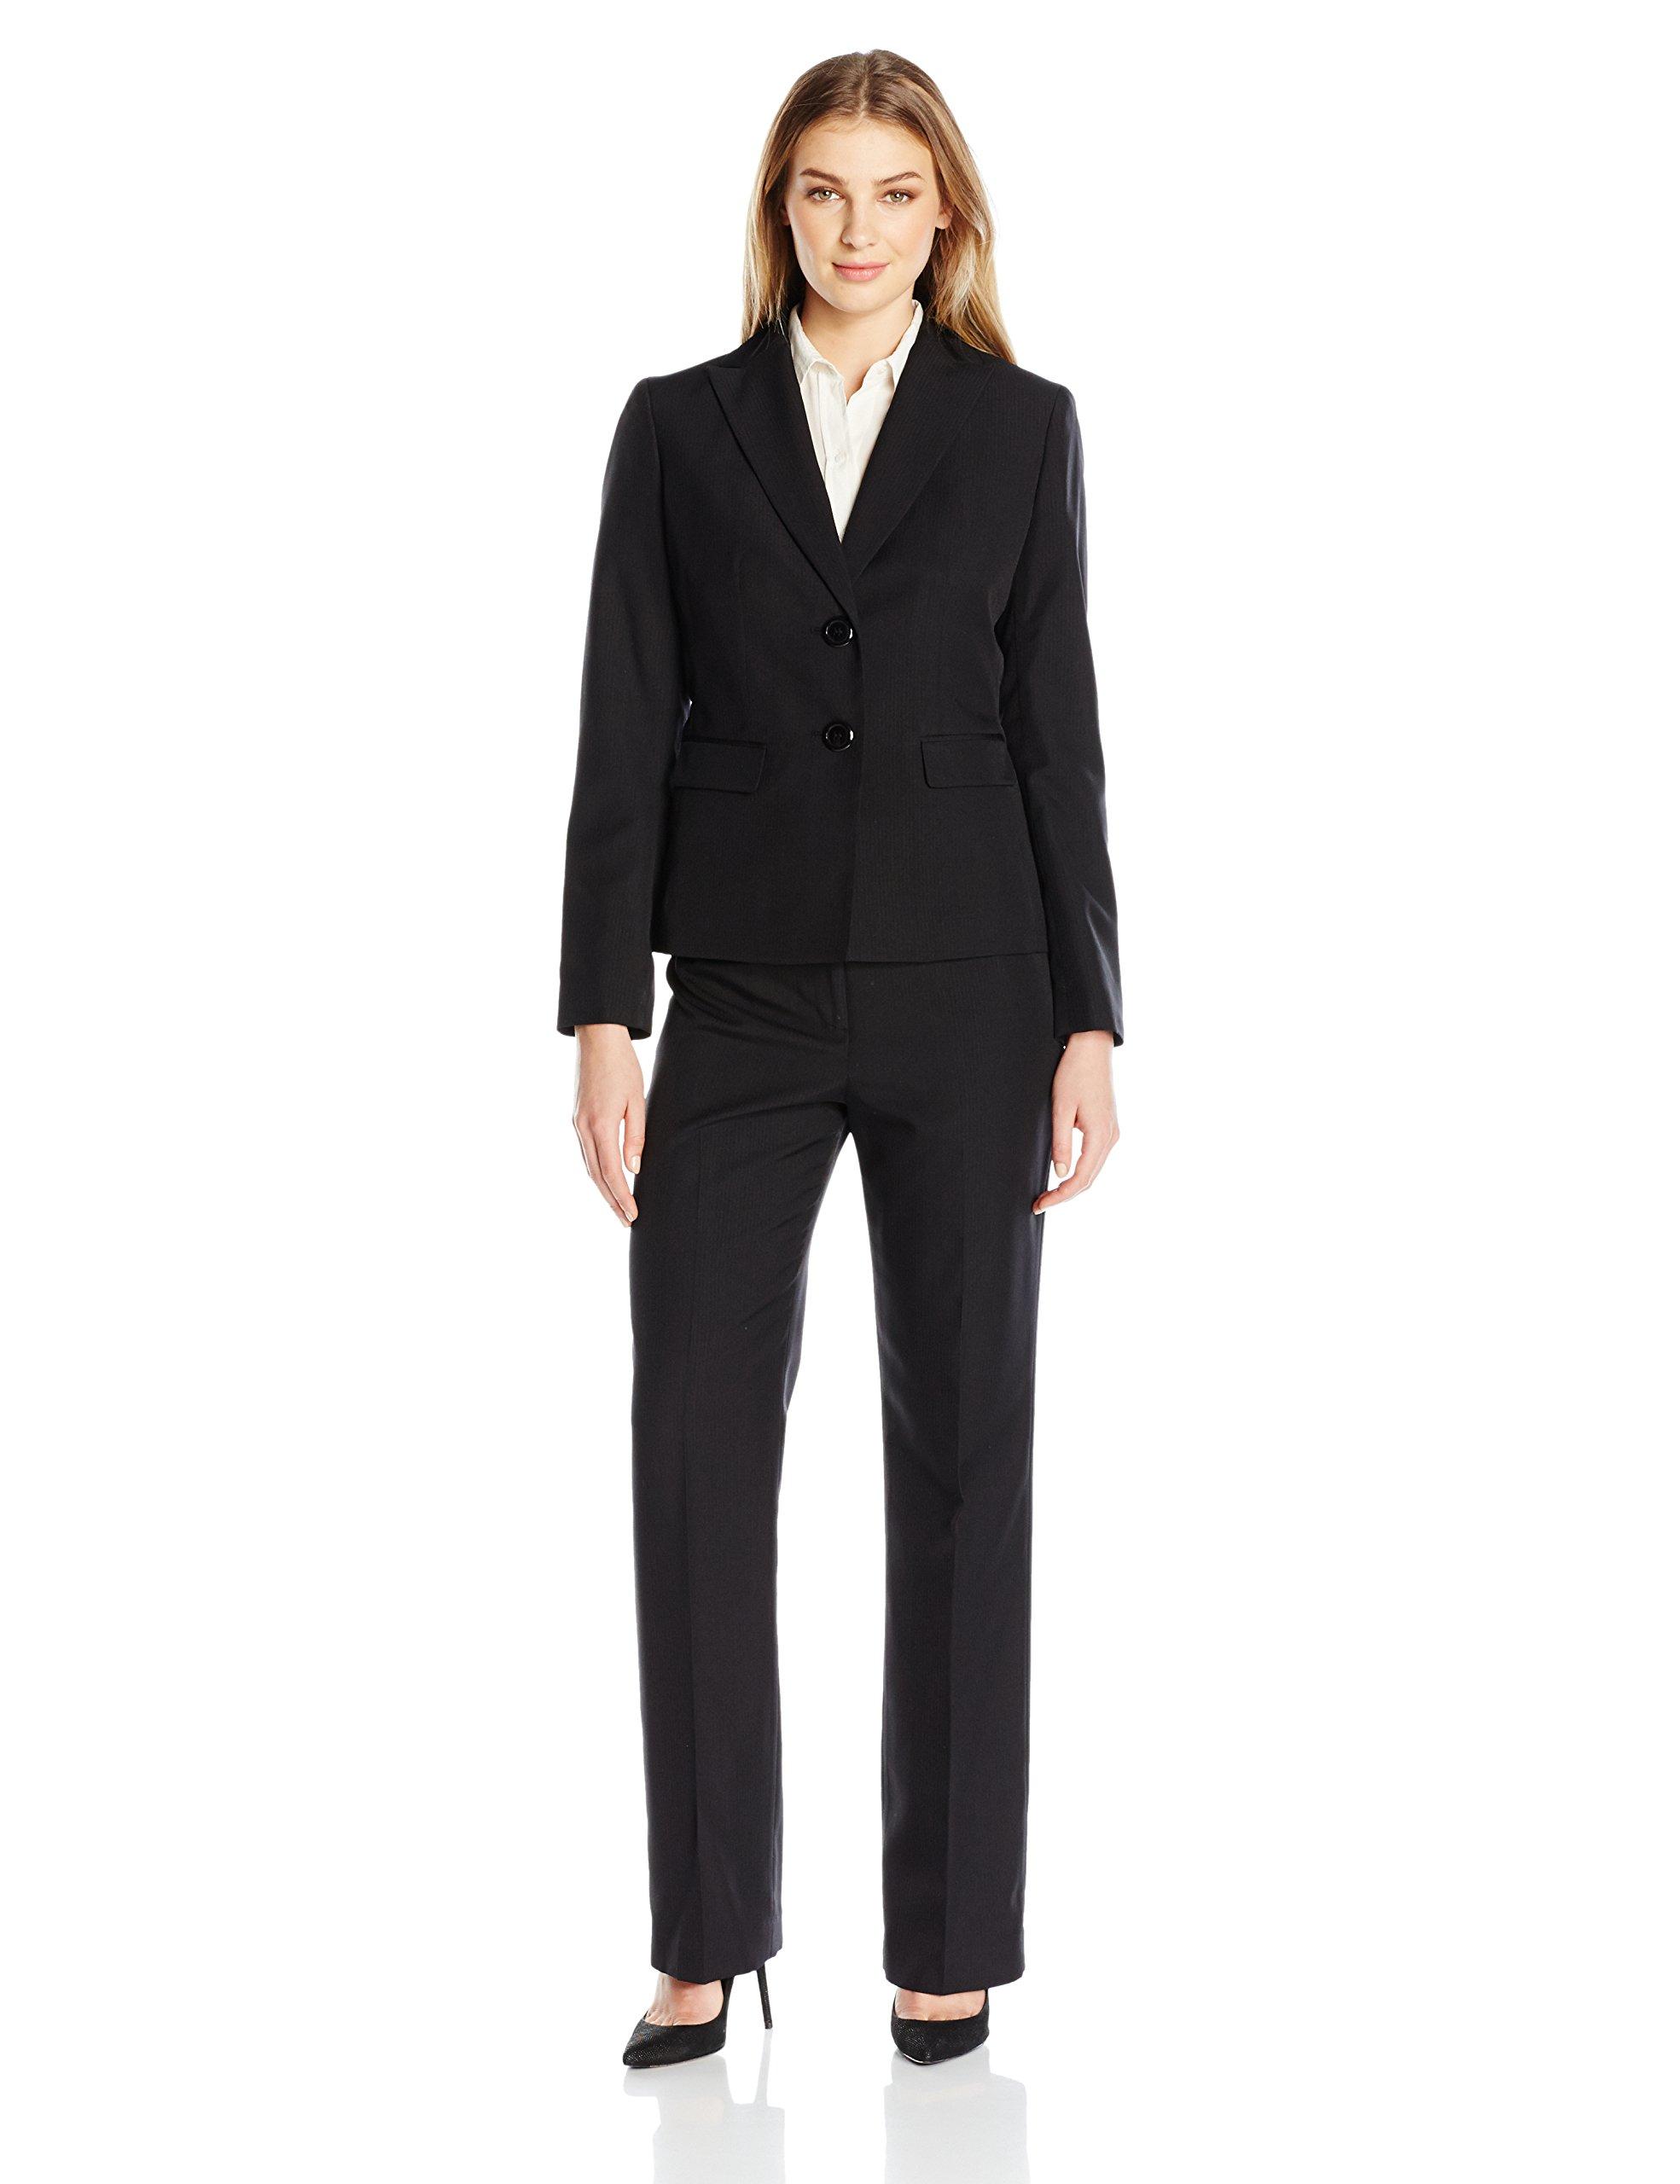 Le Suit Women's 2 Button Pant Suit, Black, 16